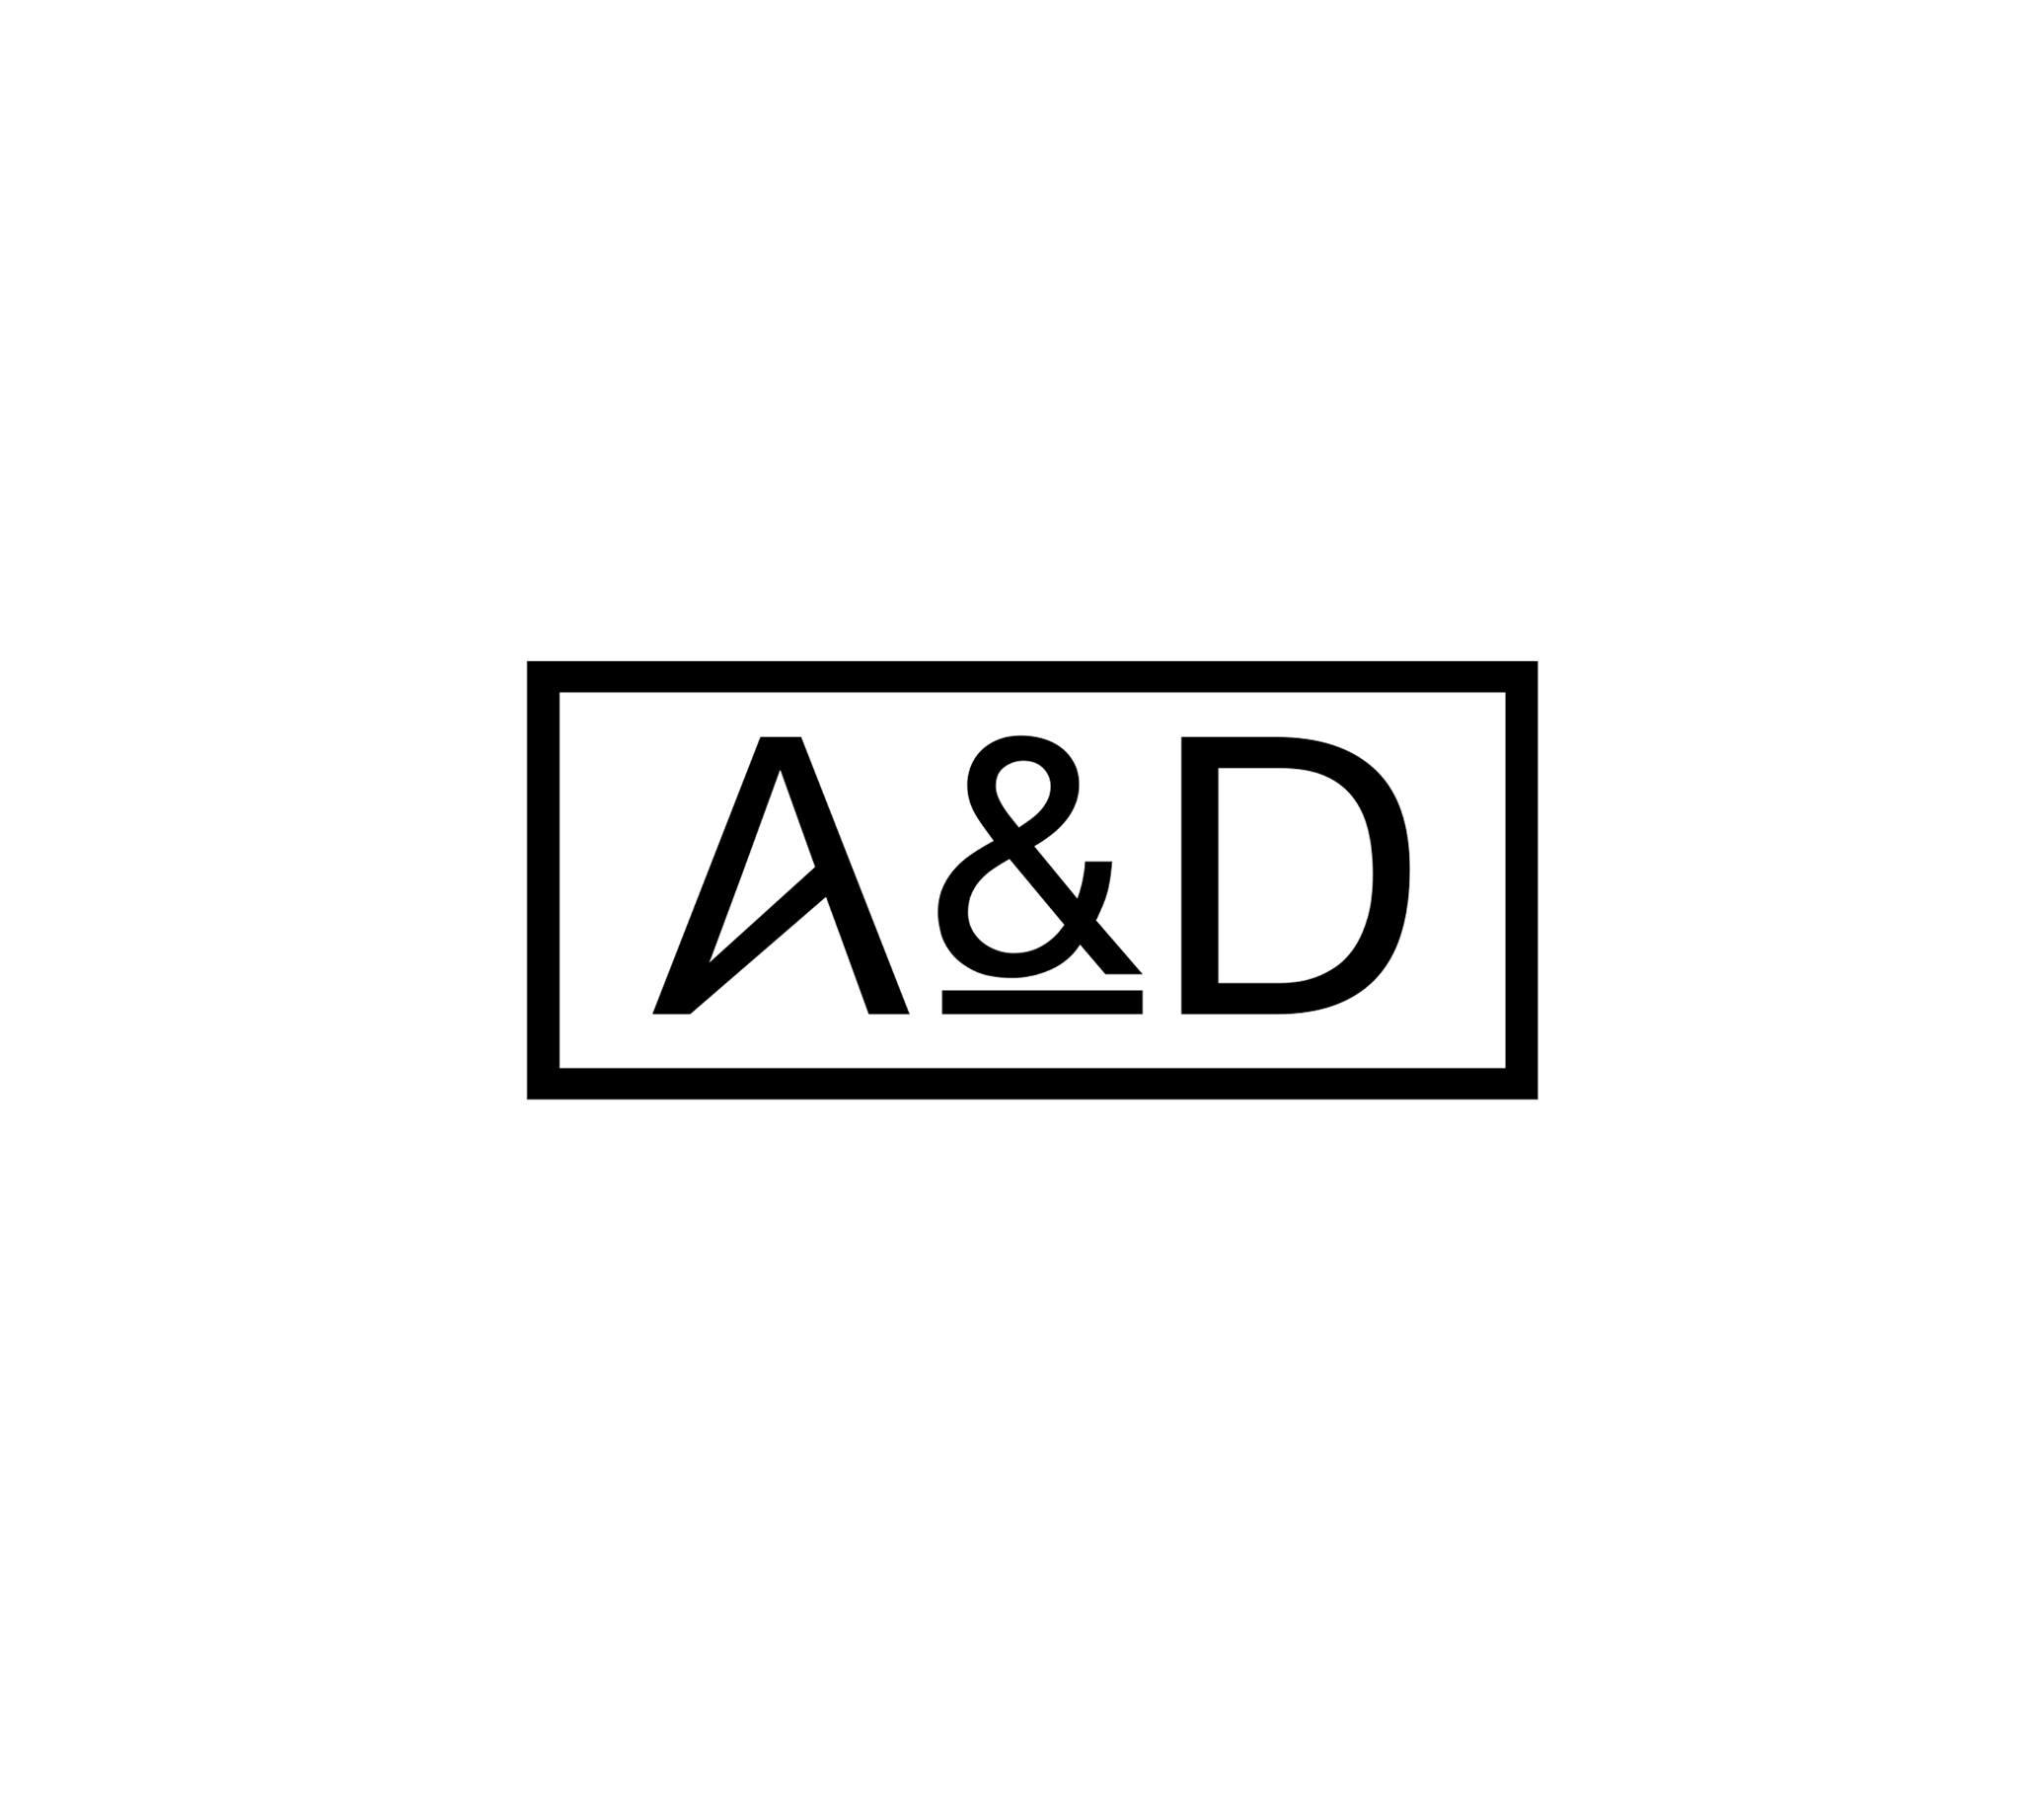 Antonio & Daniel Photography - Somos fotógrafos de belleza y editorial, nuestro trabajo ha sido publicado en revistas como: COSMOPOLITAN, GRAZIA, NYLON, VANIDADES, ELLE, QUIEN,GLAMOUR